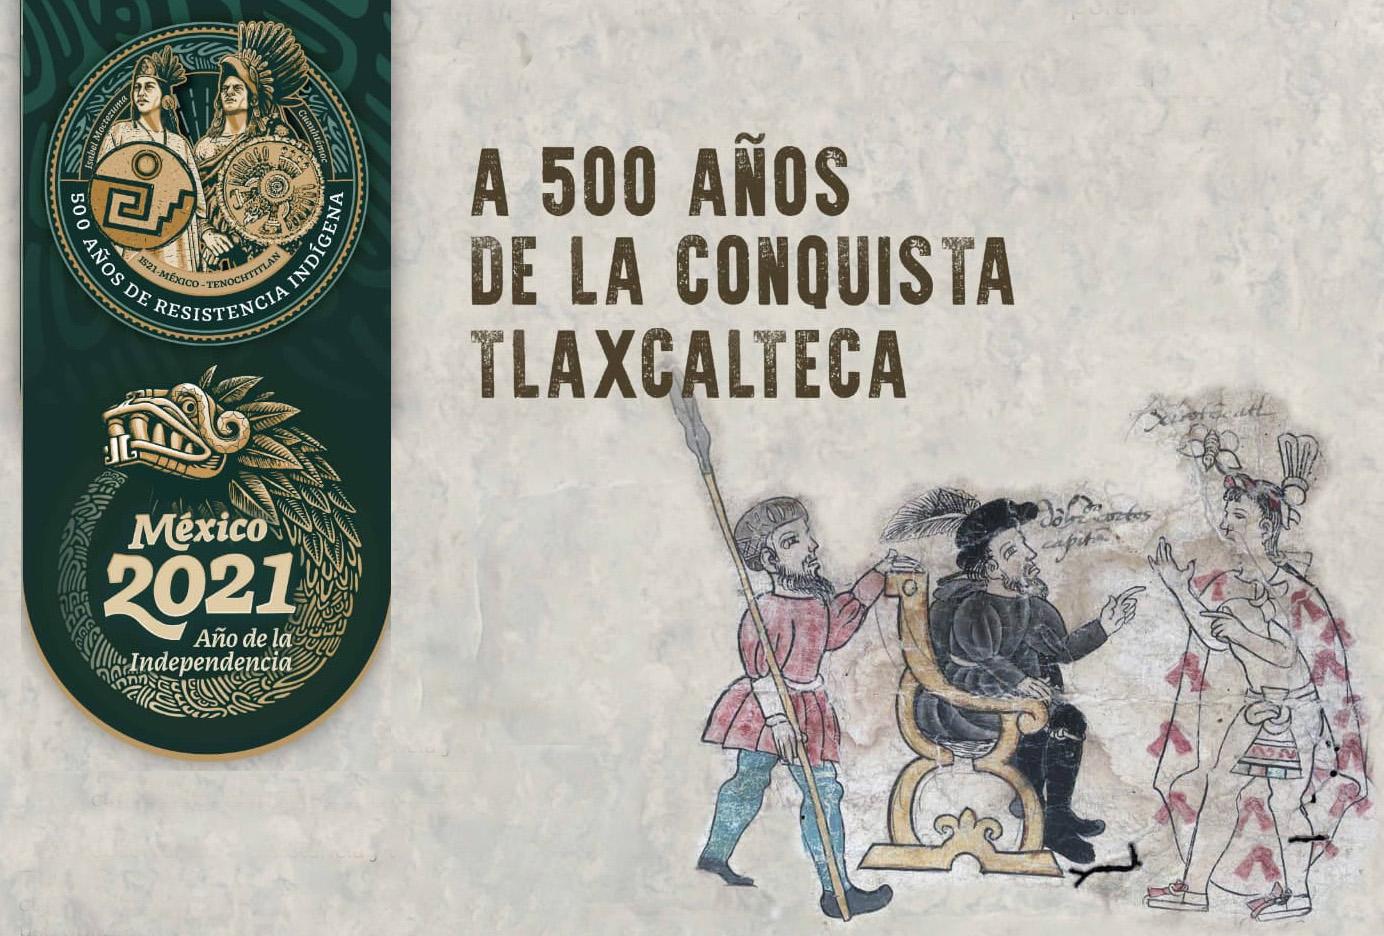 A 500 años de la conquista tlaxcalteca